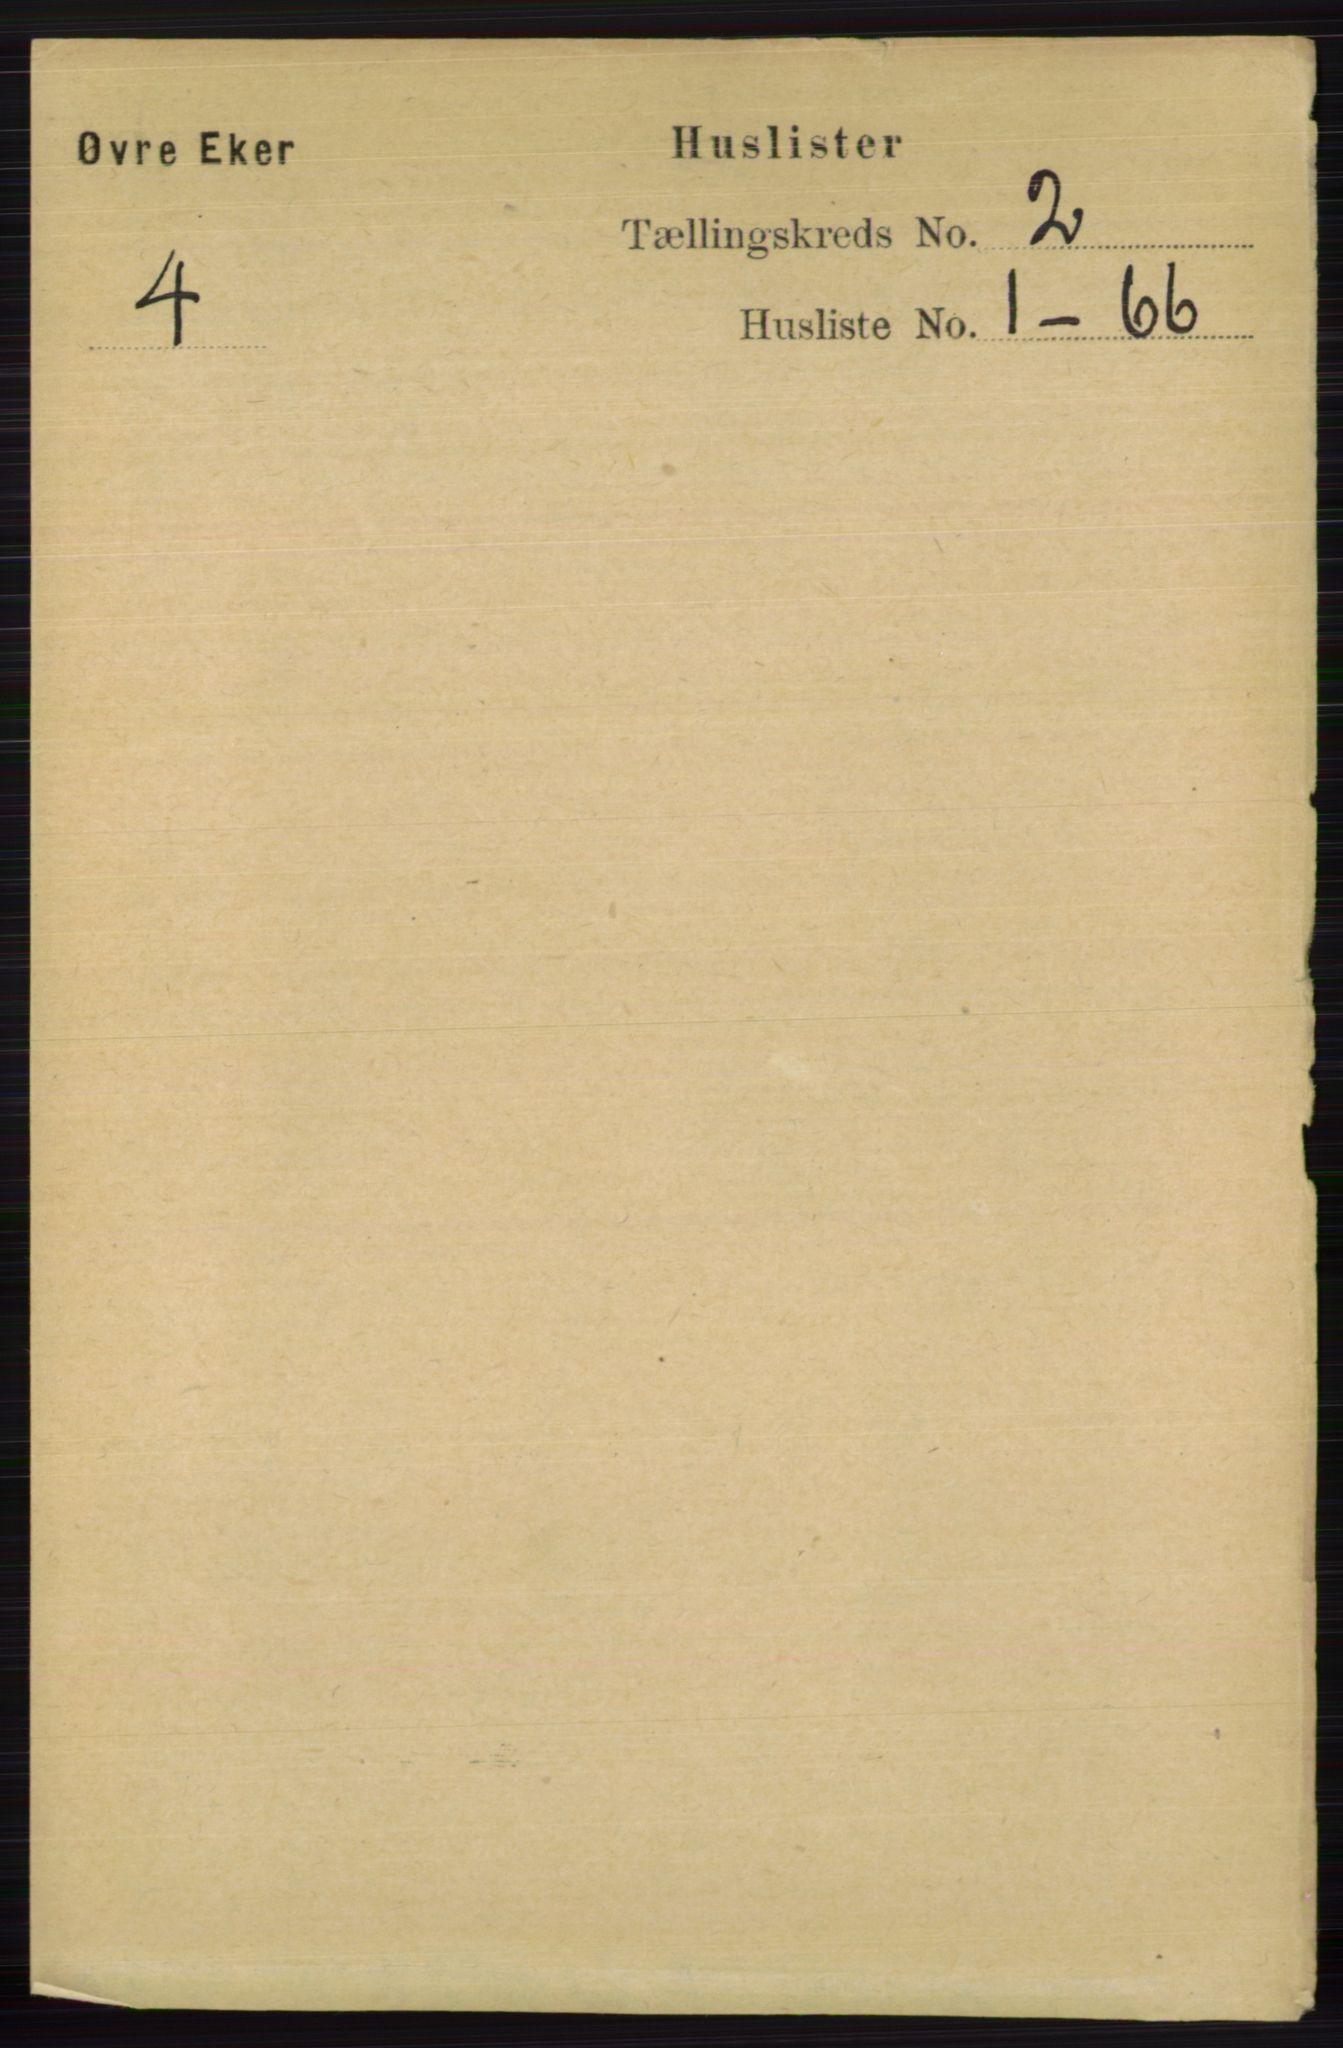 RA, Folketelling 1891 for 0624 Øvre Eiker herred, 1891, s. 469